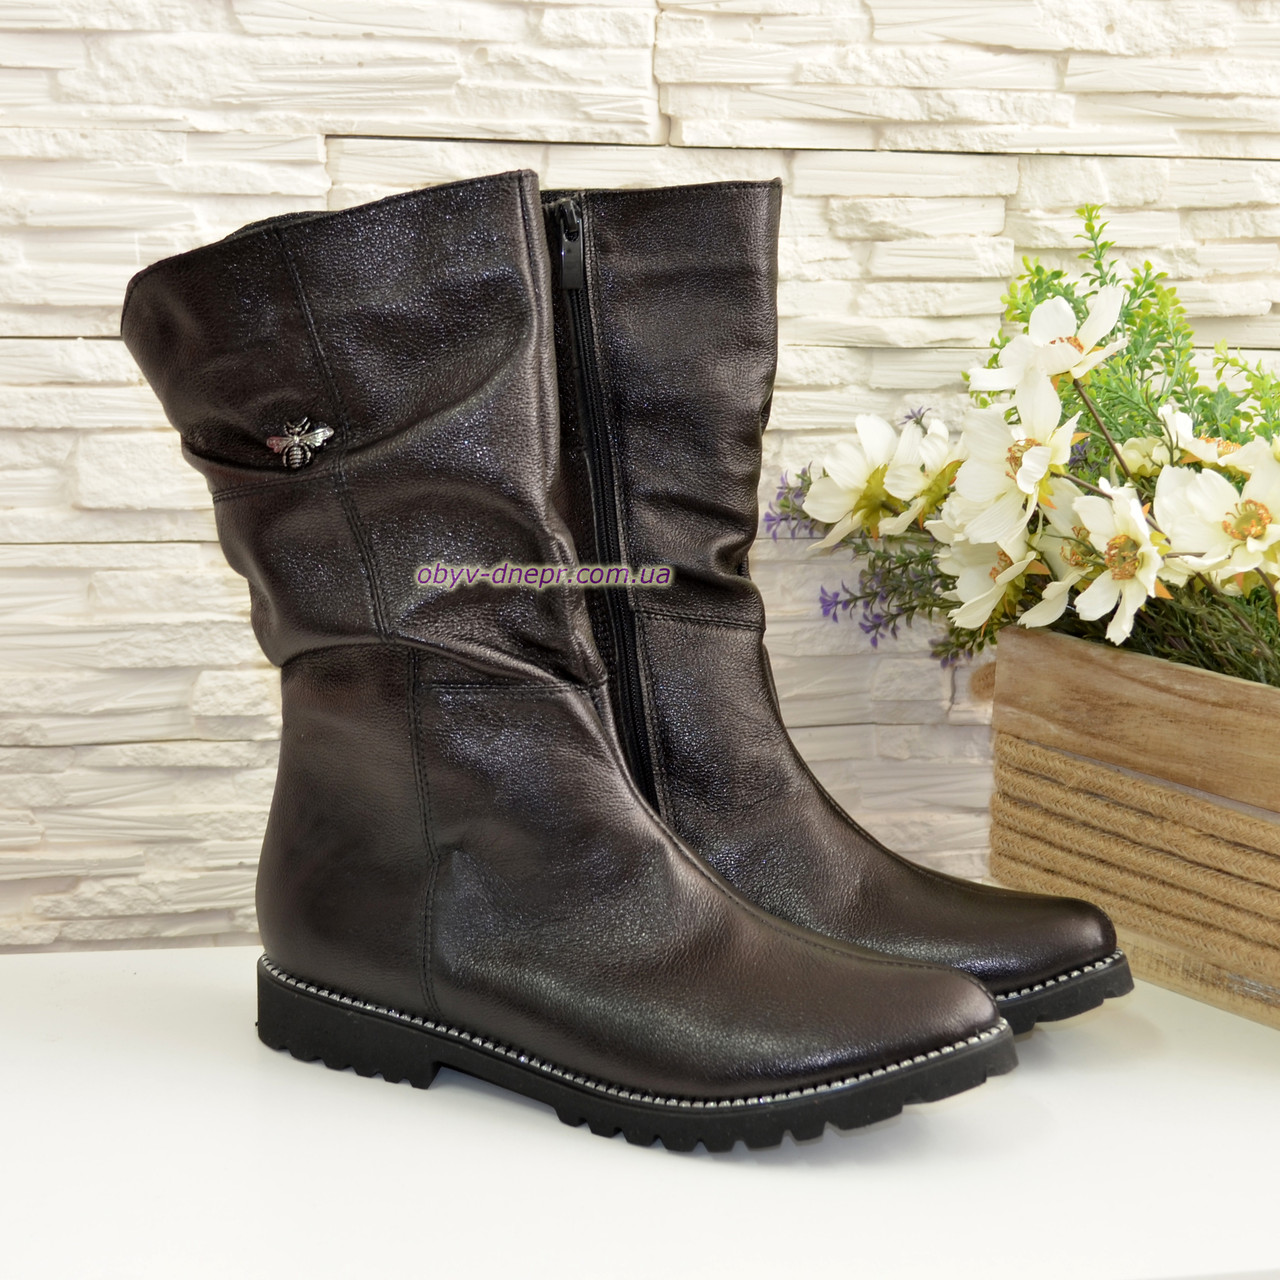 """Женские зимние кожаные ботинки на меху от производителя  ТМ """"Maestro"""""""